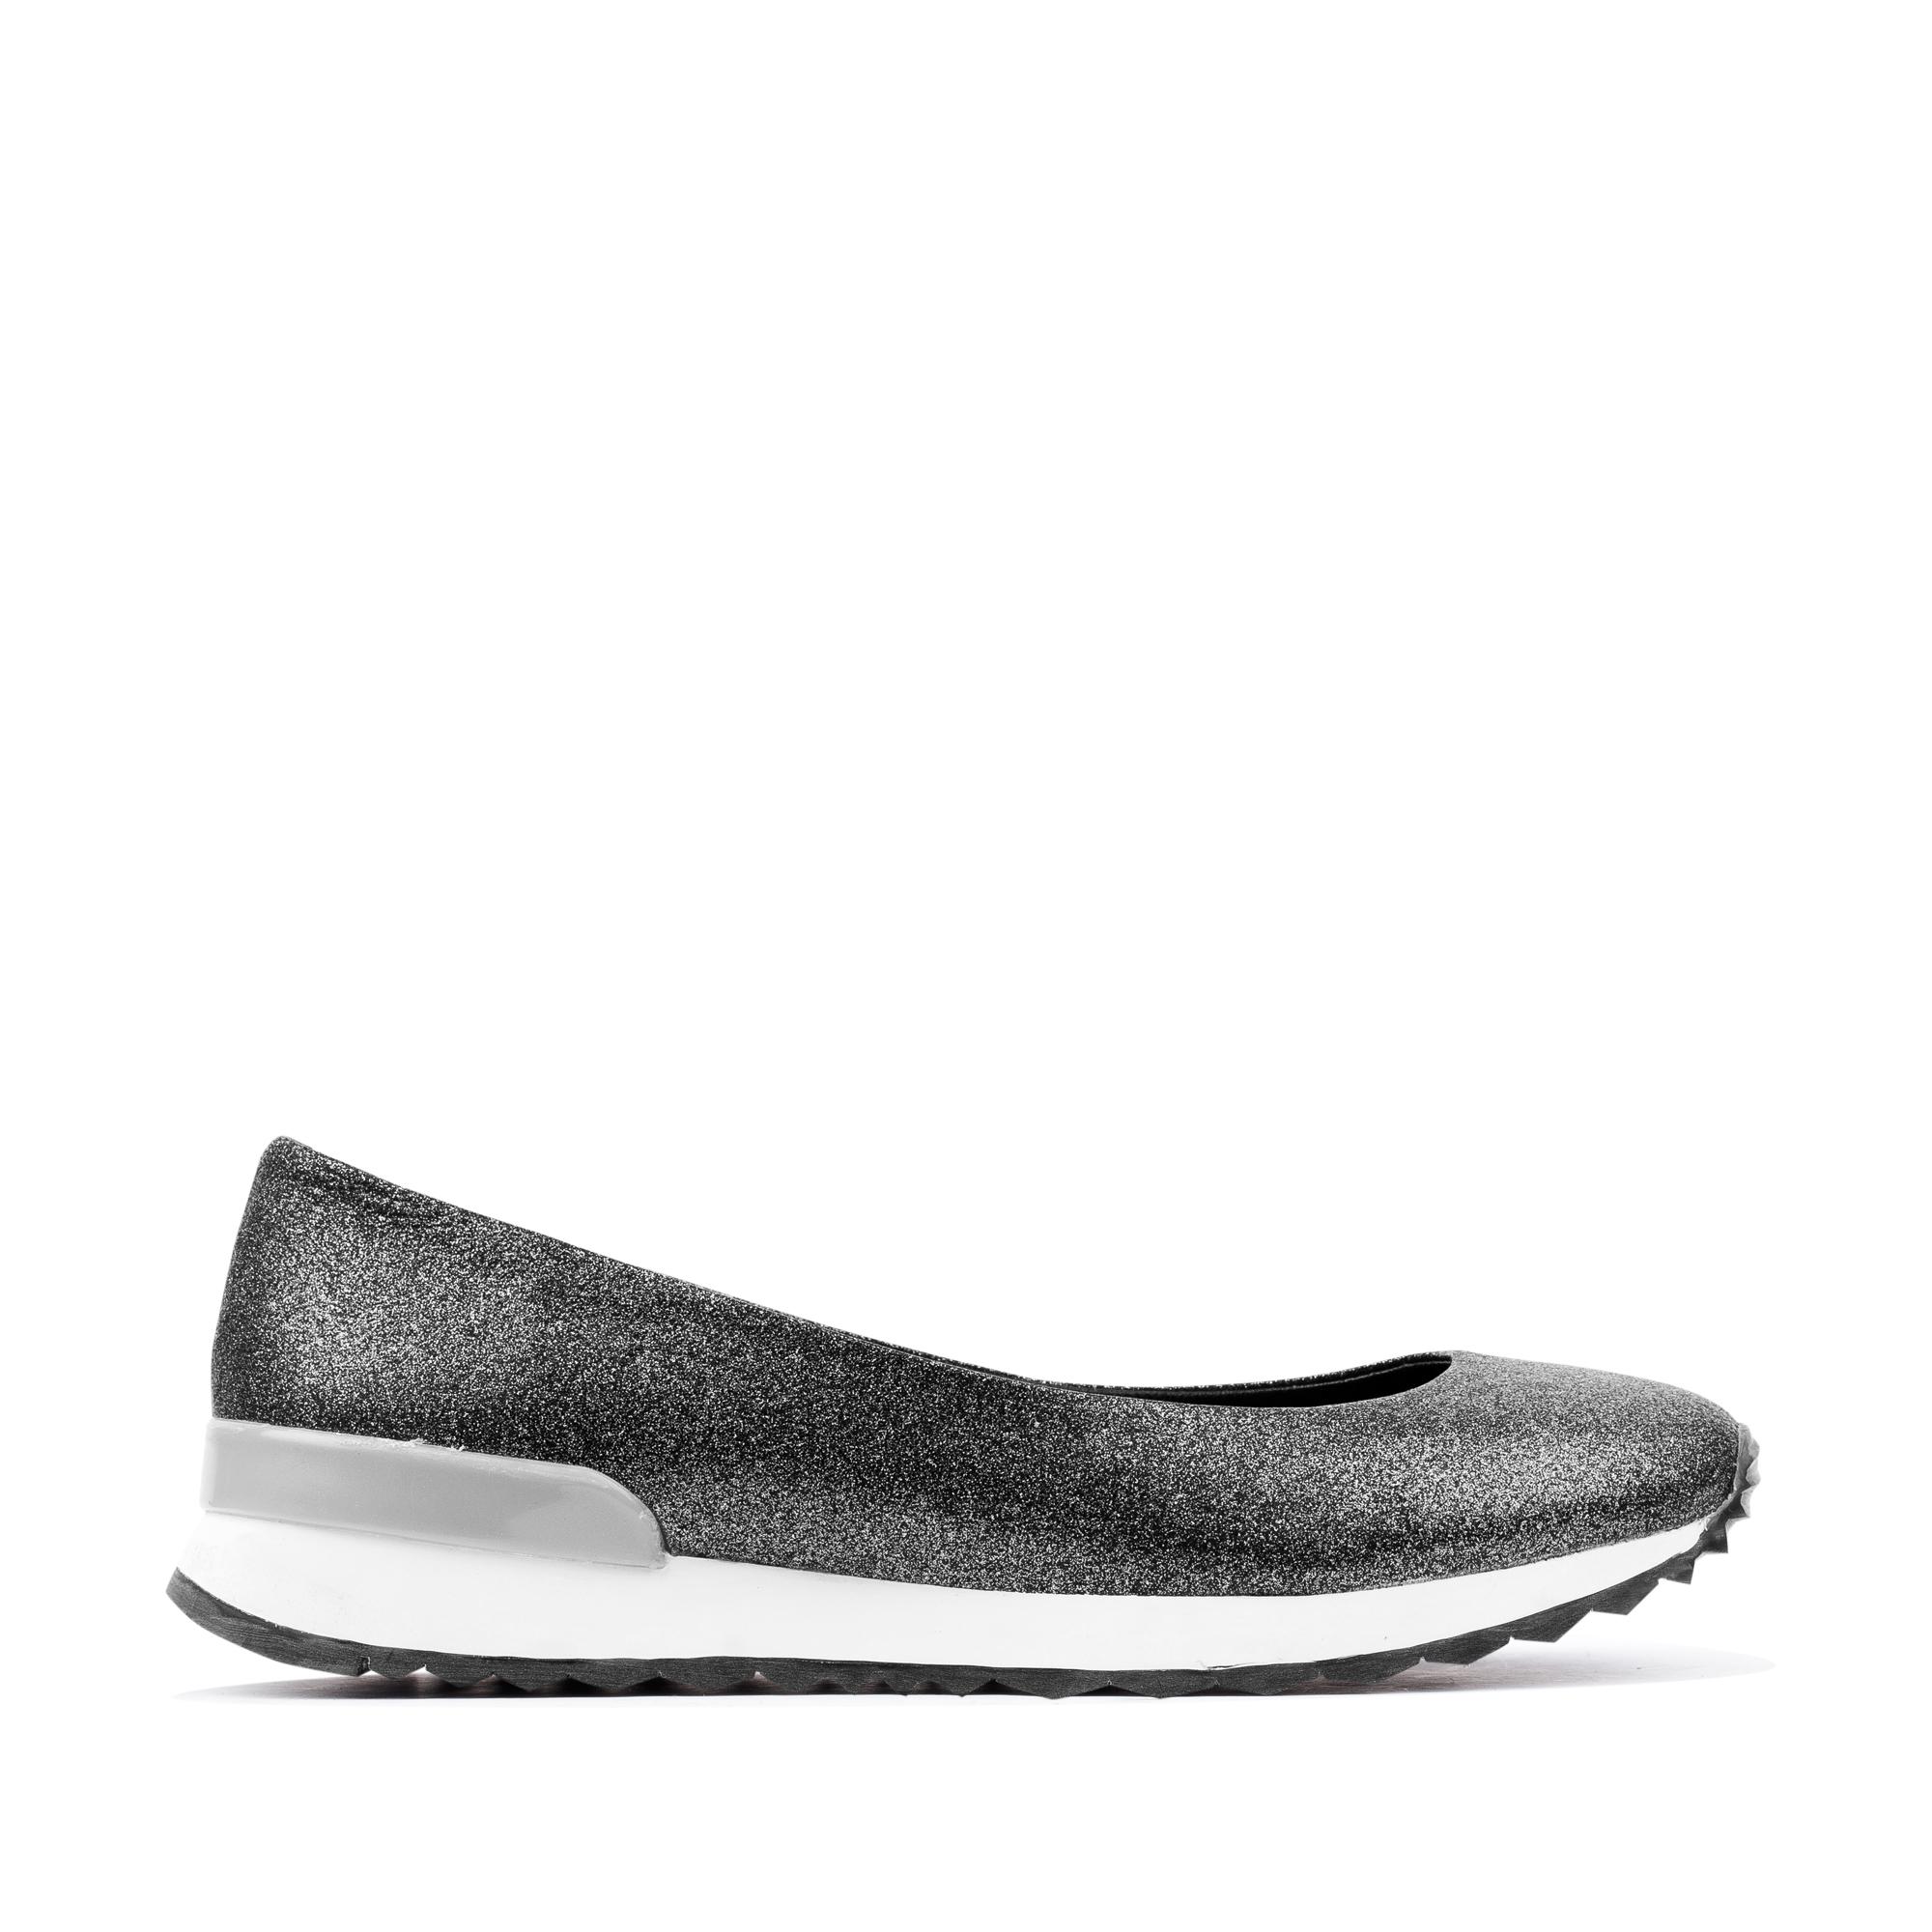 Балетки из металлизированной кожи серебристого цветаТуфли женские<br><br>Материал верха: Кожа<br>Материал подкладки: Кожа<br>Материал подошвы: Полиуретан<br>Цвет: Серебристый<br>Высота каблука: 0 см<br>Дизайн: Италия<br>Страна производства: Китай<br><br>Высота каблука: 0 см<br>Материал верха: Кожа<br>Материал подошвы: Полиуретан<br>Материал подкладки: Кожа<br>Цвет: Серебристый<br>Вес кг: 0.60000000<br>Размер обуви: 36